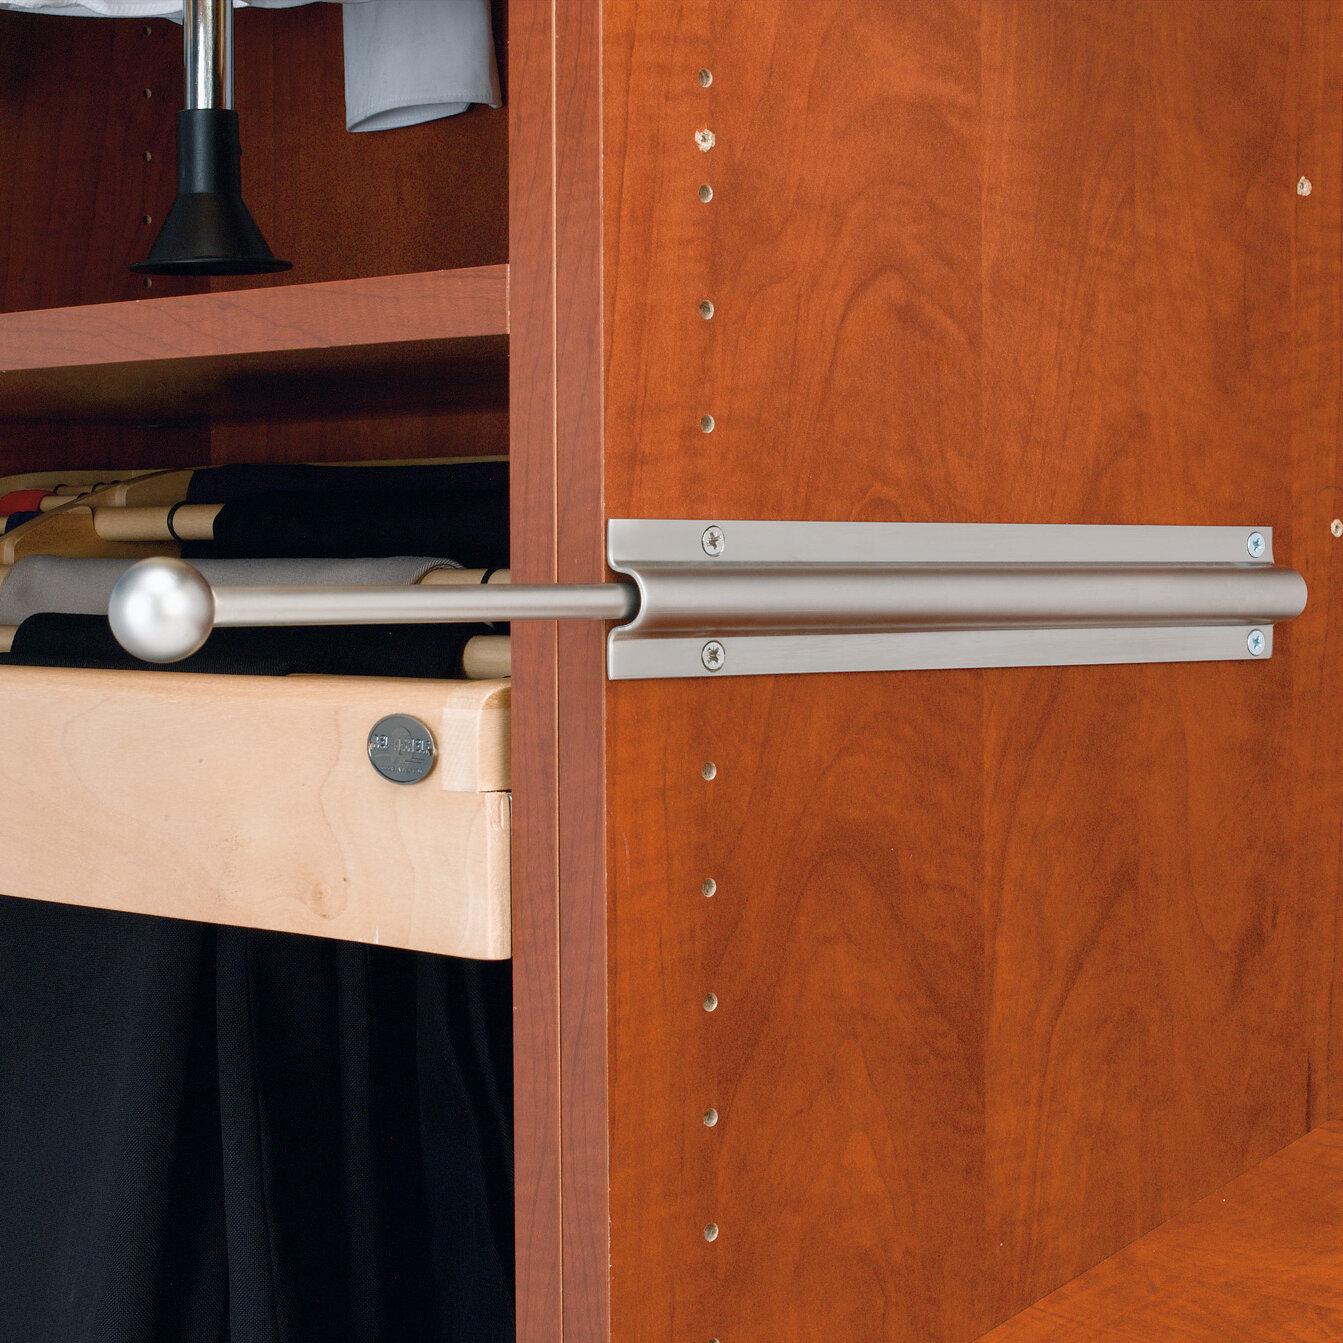 Rev A Shelf Pull Out Standard Valet Rod & Reviews | Wayfair